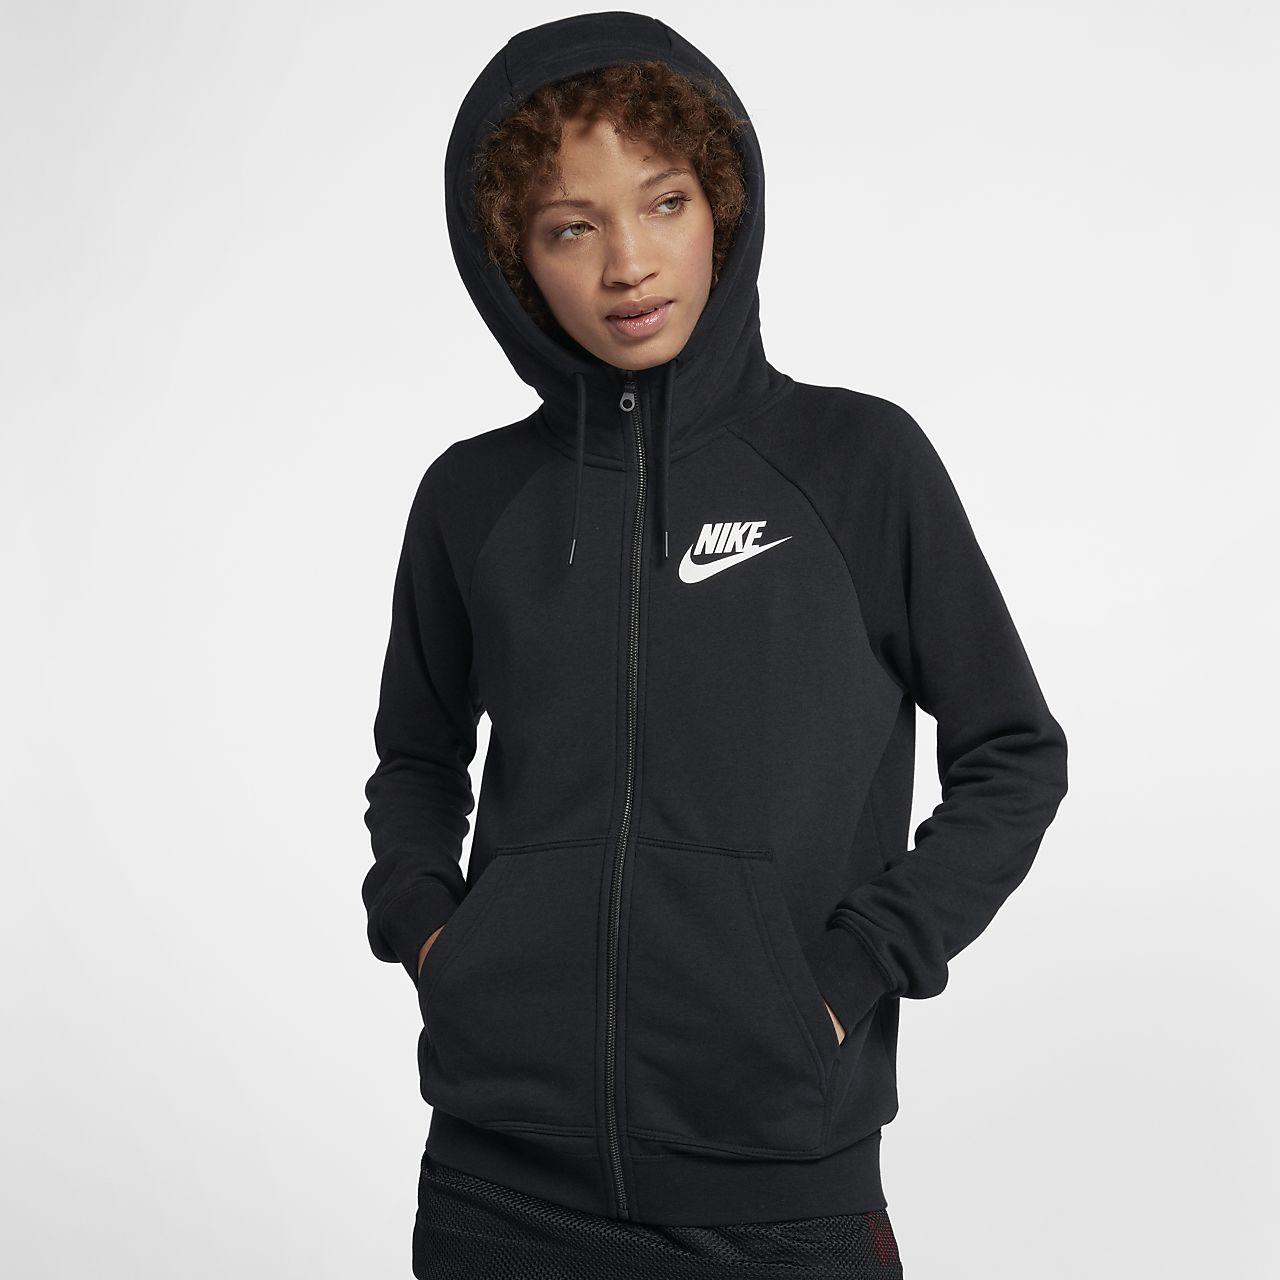 เสื้อมีฮู้ดซิปยาวผู้หญิง Nike Sportswear Rally